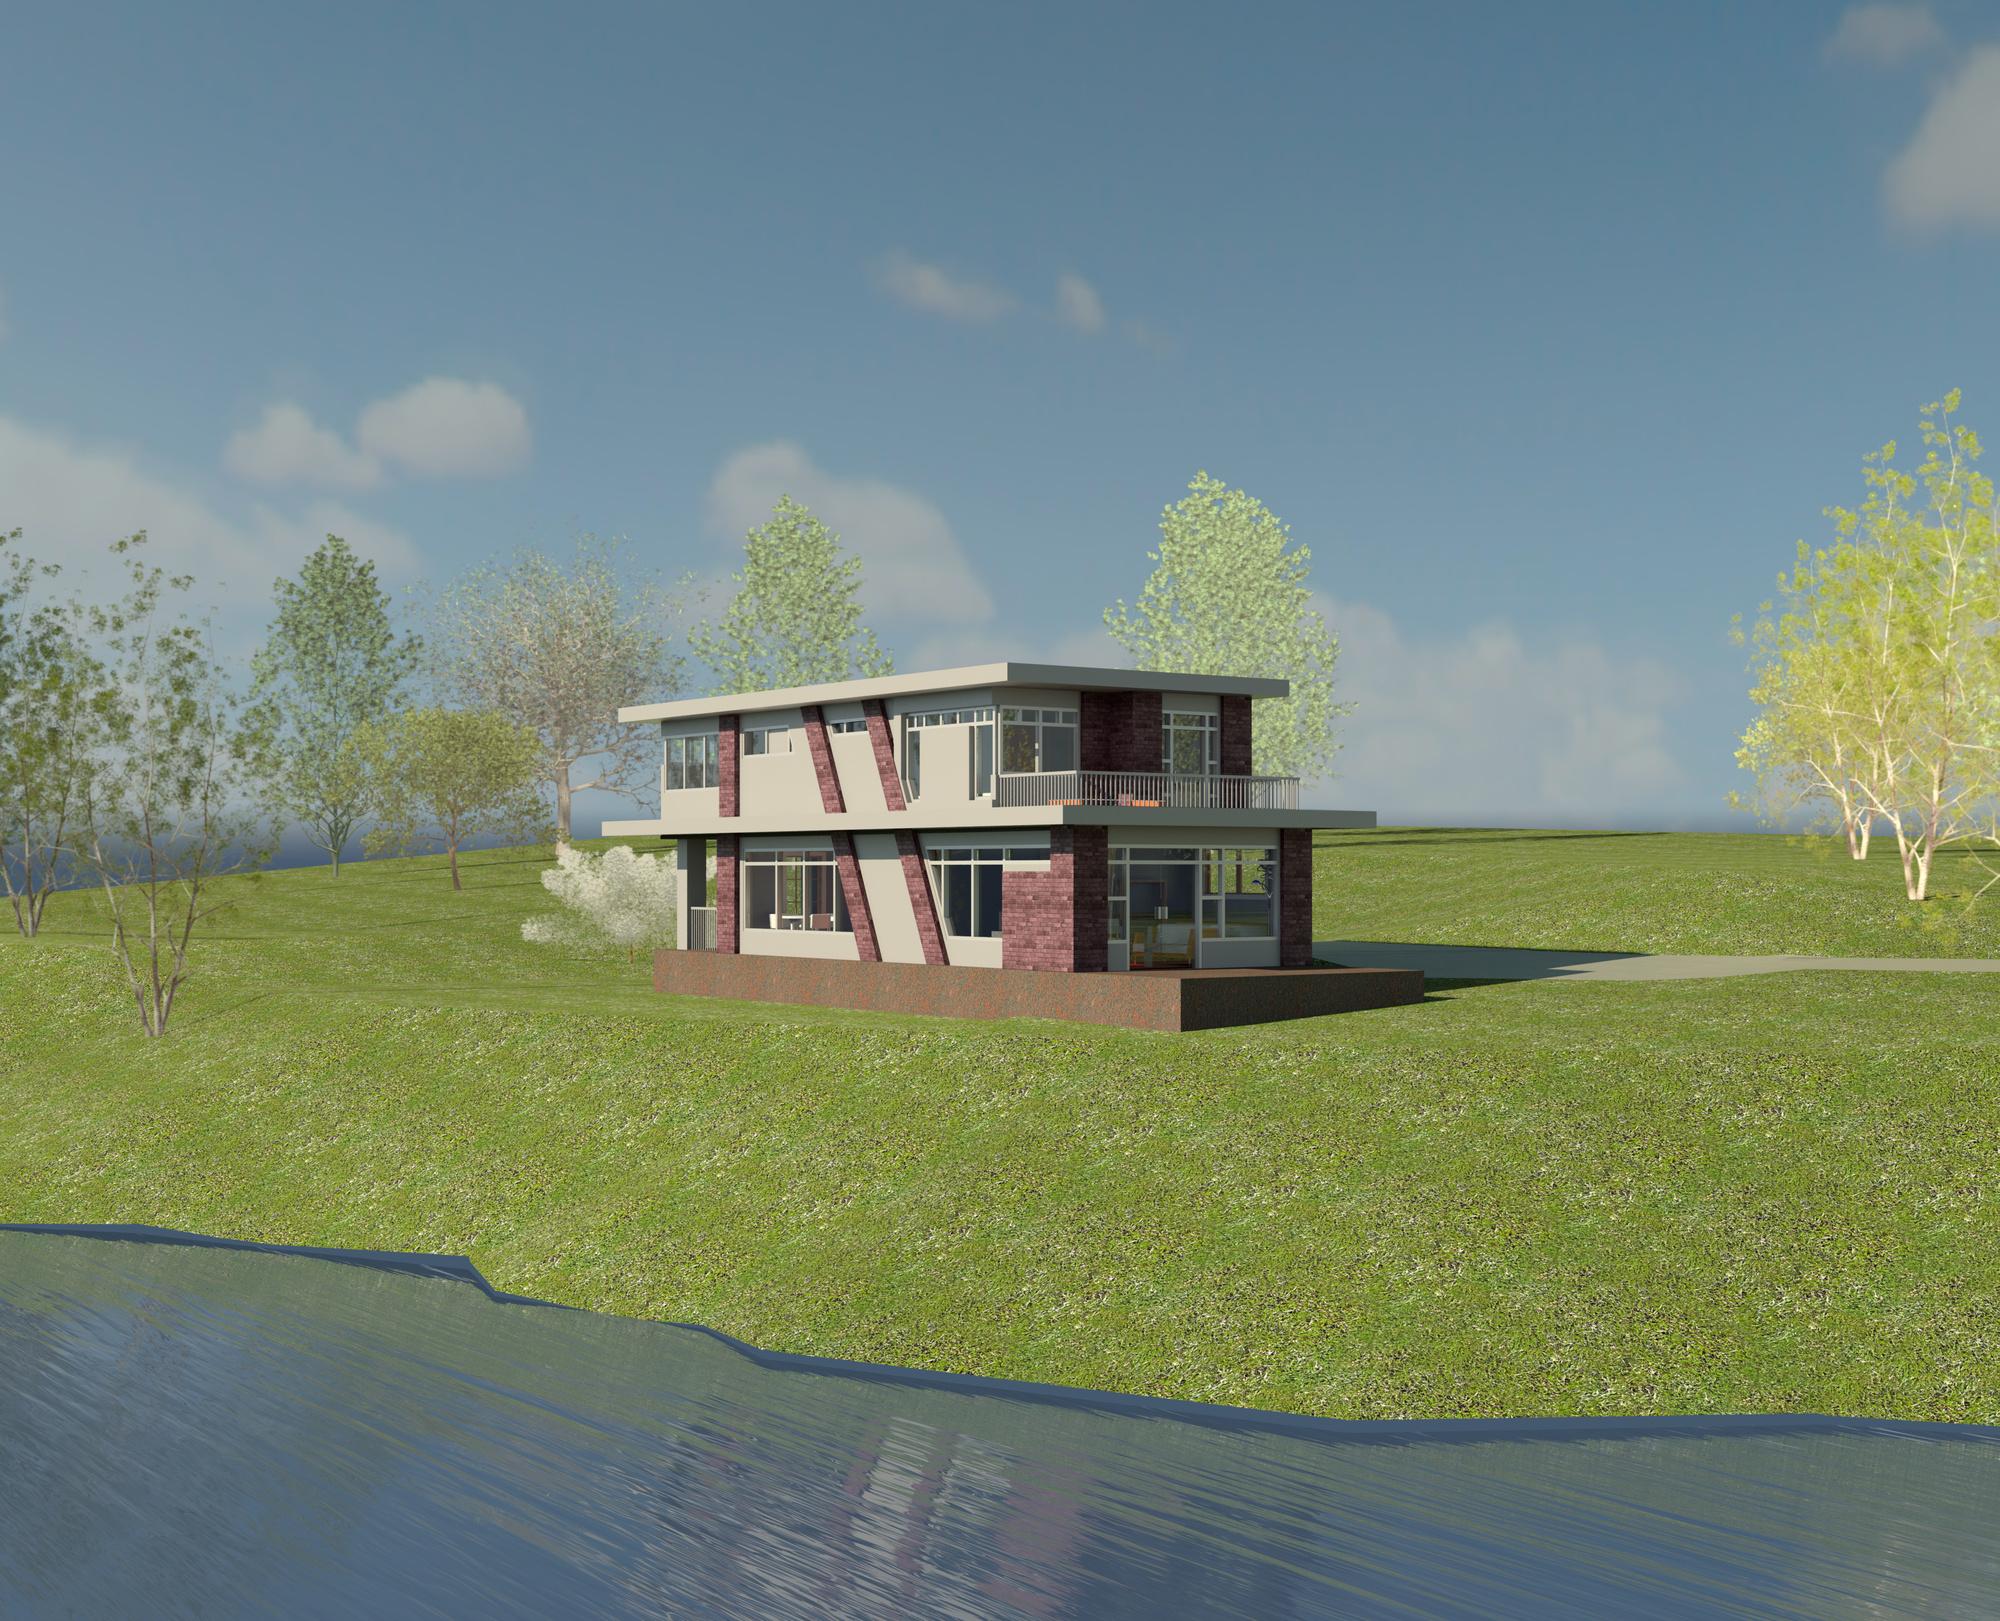 Raas-rendering20150207-12014-1wryb30